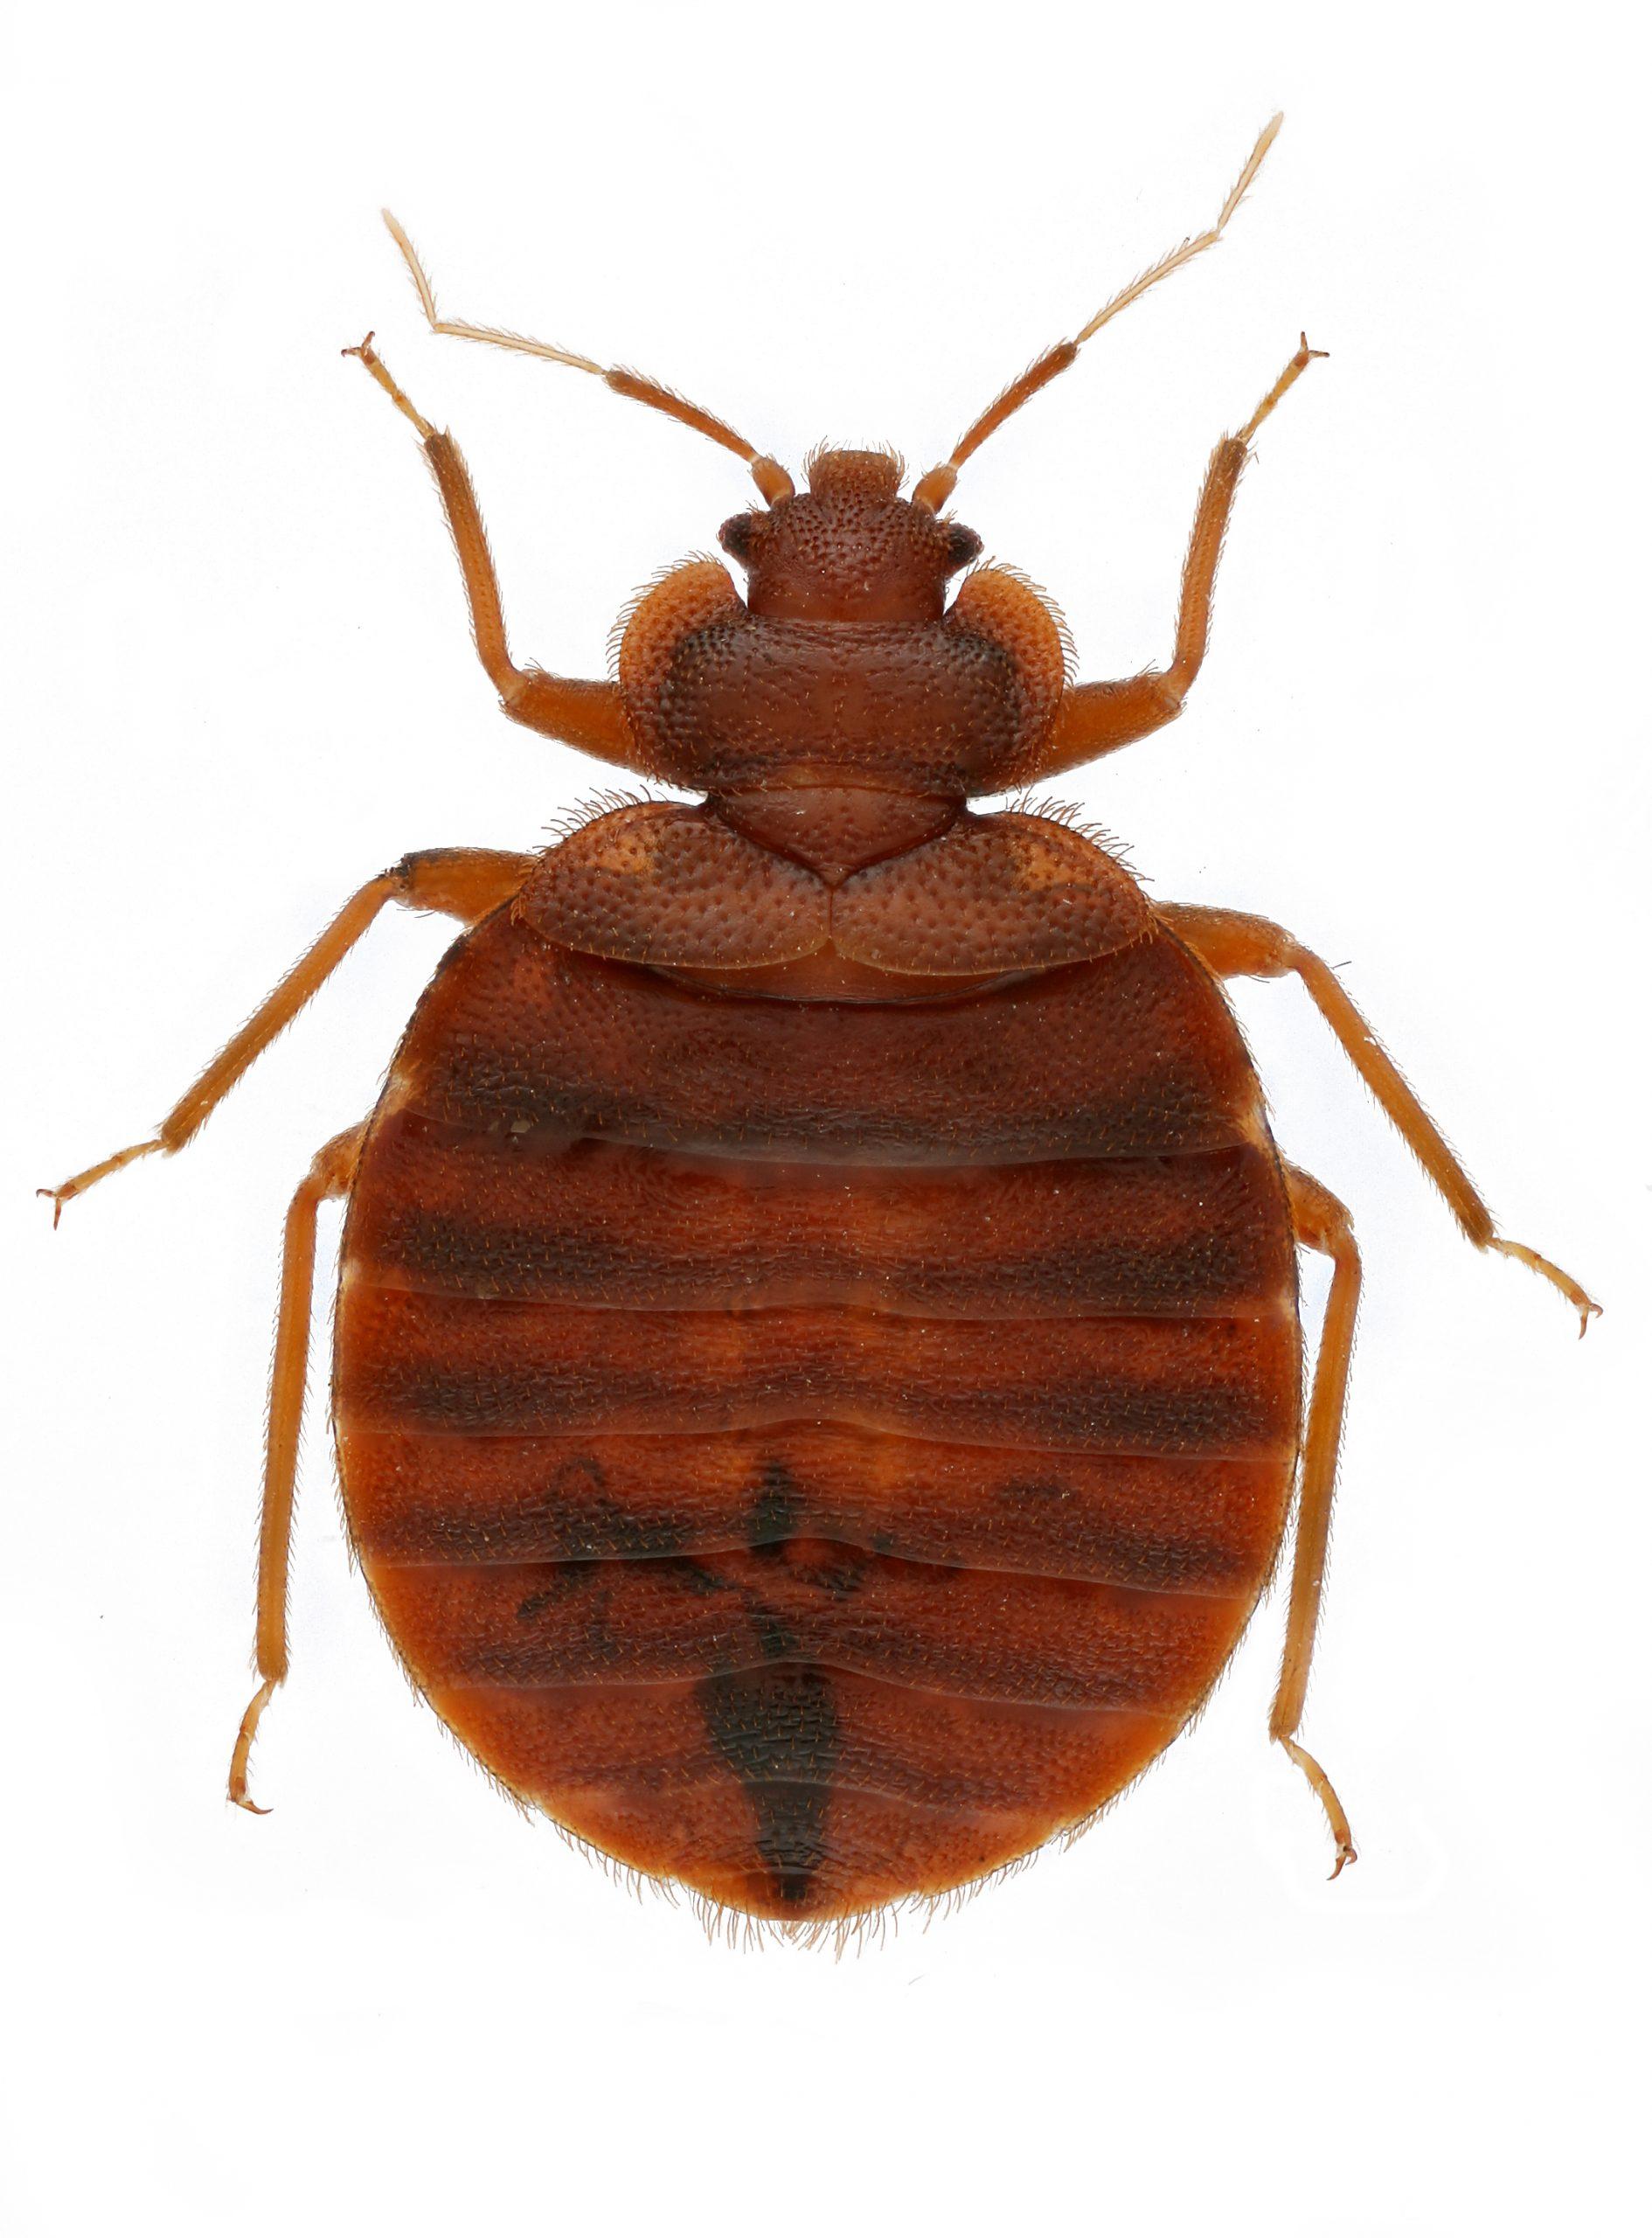 Live bedbugs